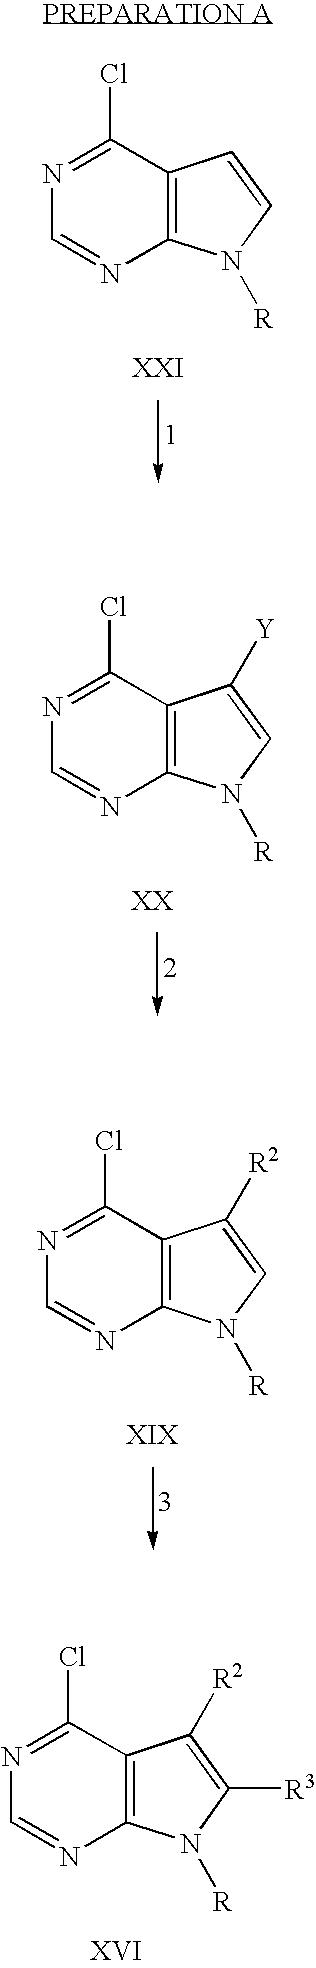 Figure US20040229923A1-20041118-C00015